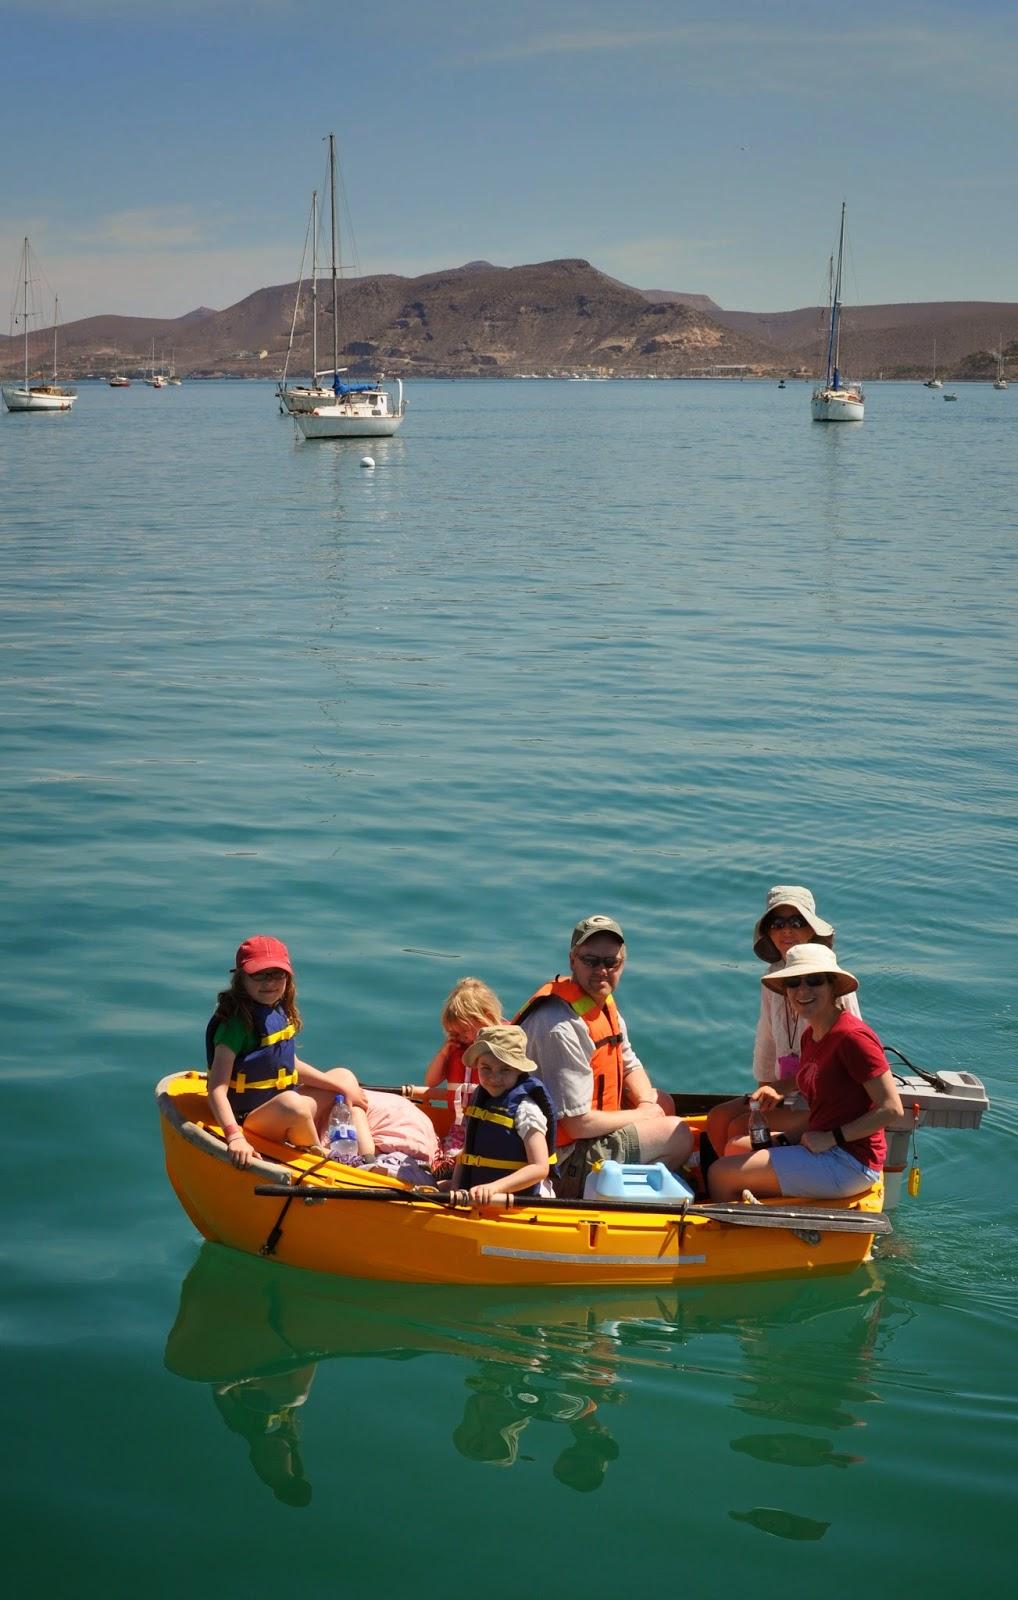 Family sailing holiday